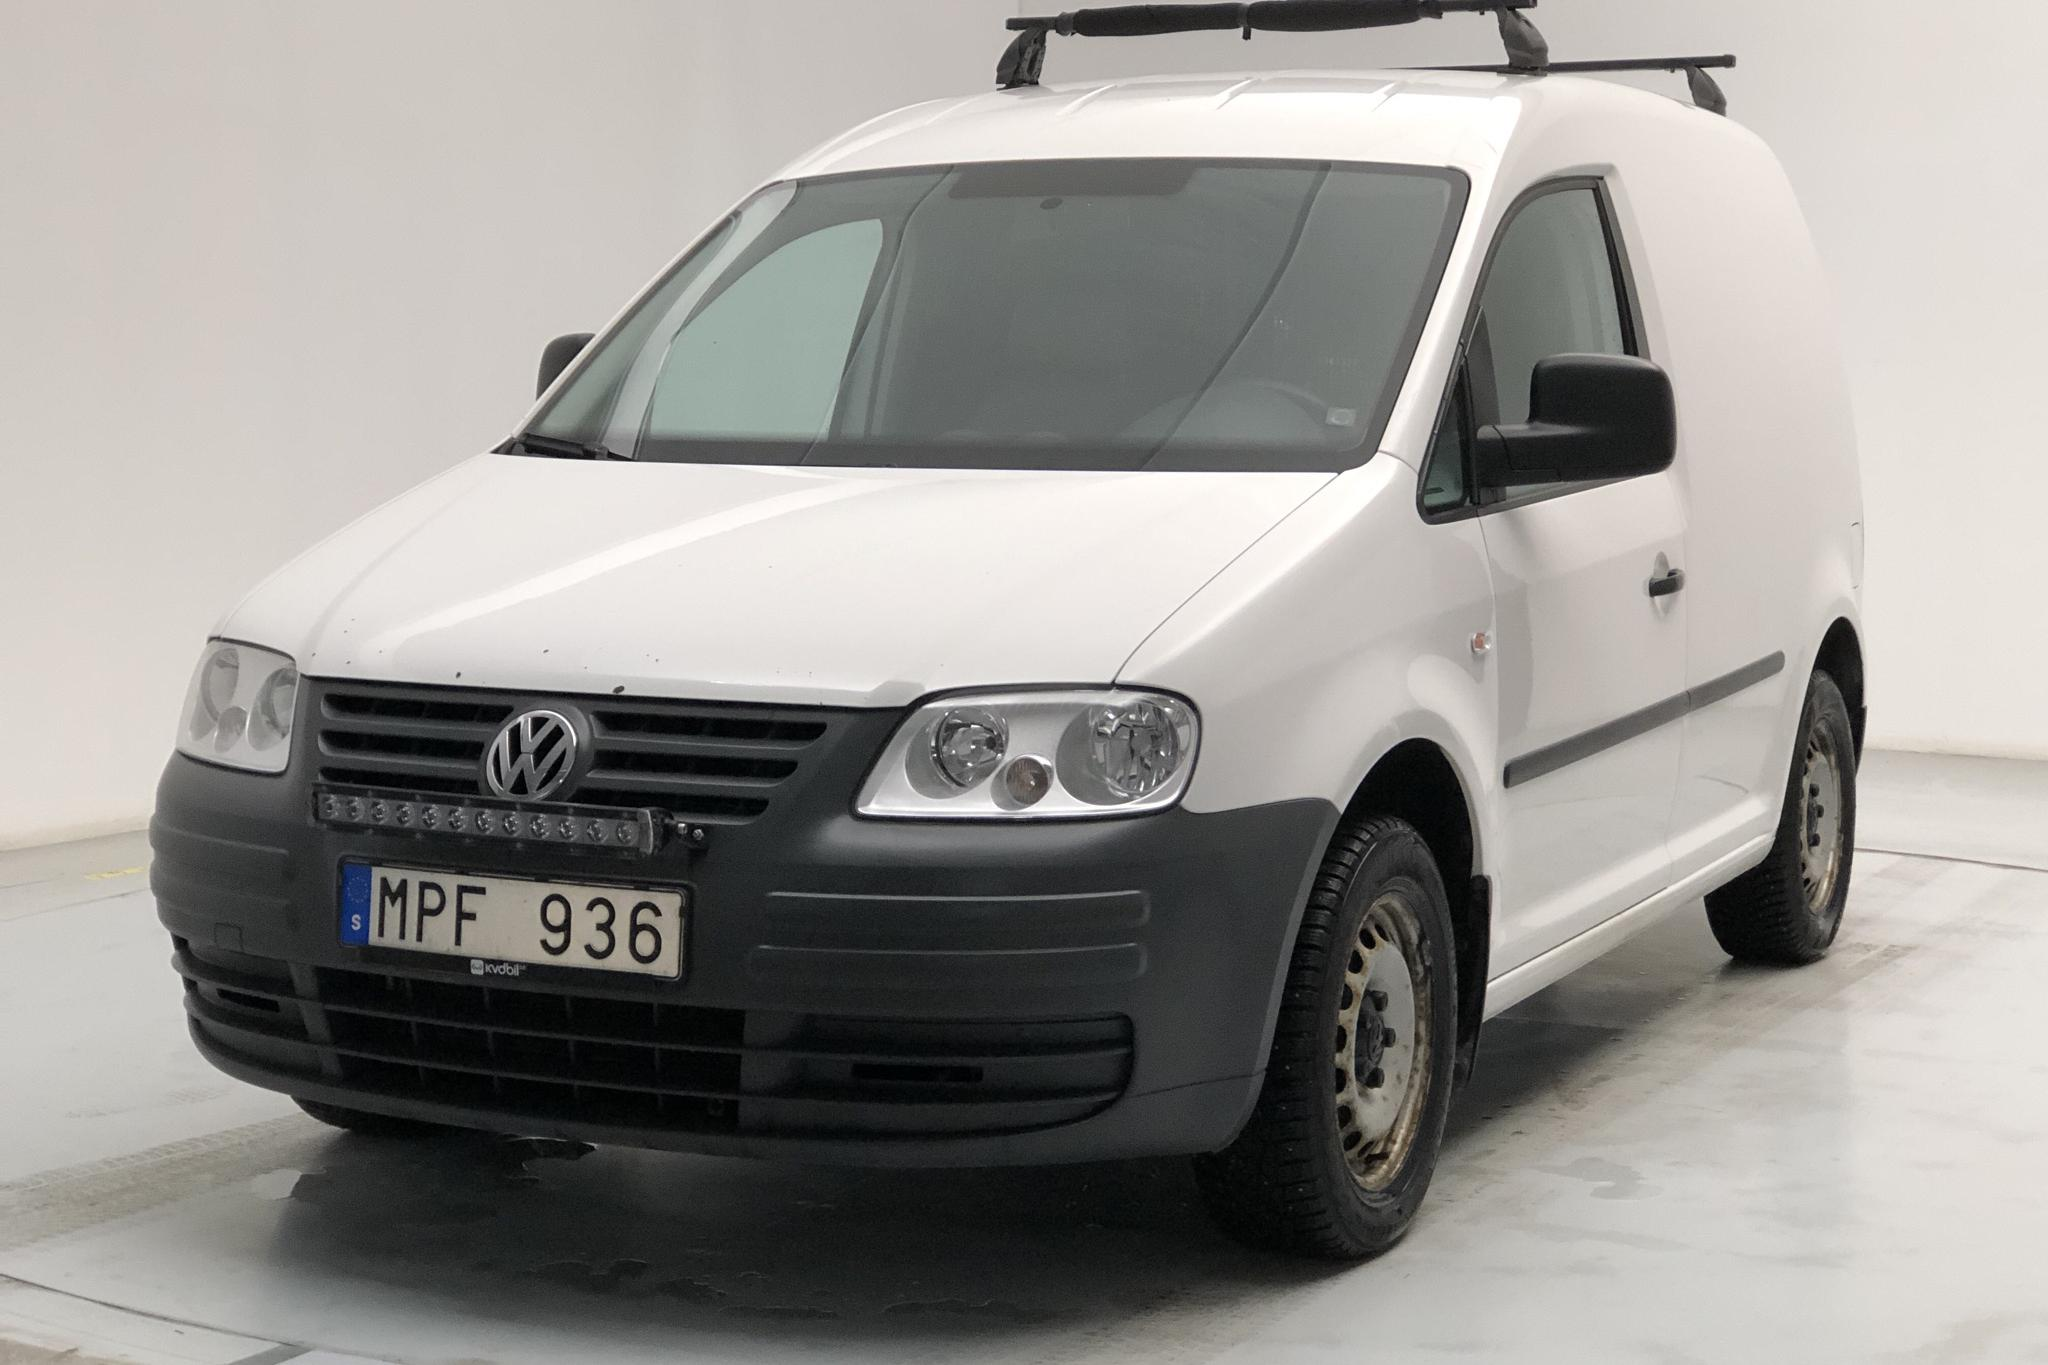 VW Caddy 1.9 TDI Skåp (75hk) - 13 461 mil - Manuell - vit - 2010